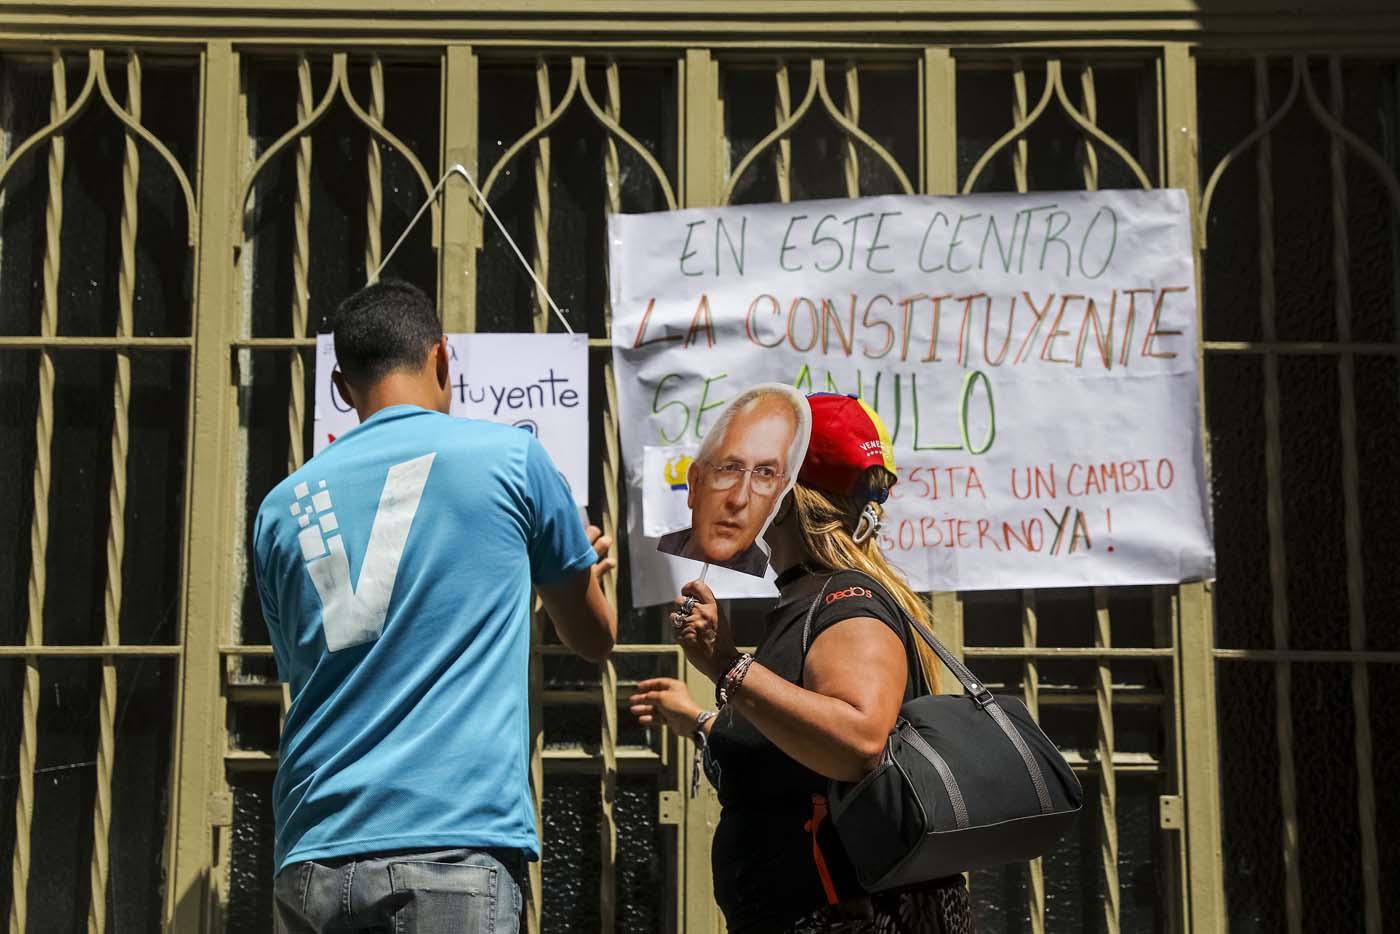 CAR06. CARACAS (VENEZUELA), 24/07/2017.- Una pareja pega carteles en rechazo a la Asamblea Constituyente hoy, lunes 24 de julio de 2017, en un colegio electoral de Caracas (Venezuela). Venezuela inicia hoy la semana decisiva para la elección de la Asamblea Nacional Constituyente convocada por el presidente, Nicolás Maduro, con los oficialistas entrando en la recta final de su campaña en medio de protestas y llamados a paro de los opositores en rechazo a esos comicios. EFE/Miguel Gutiérrez